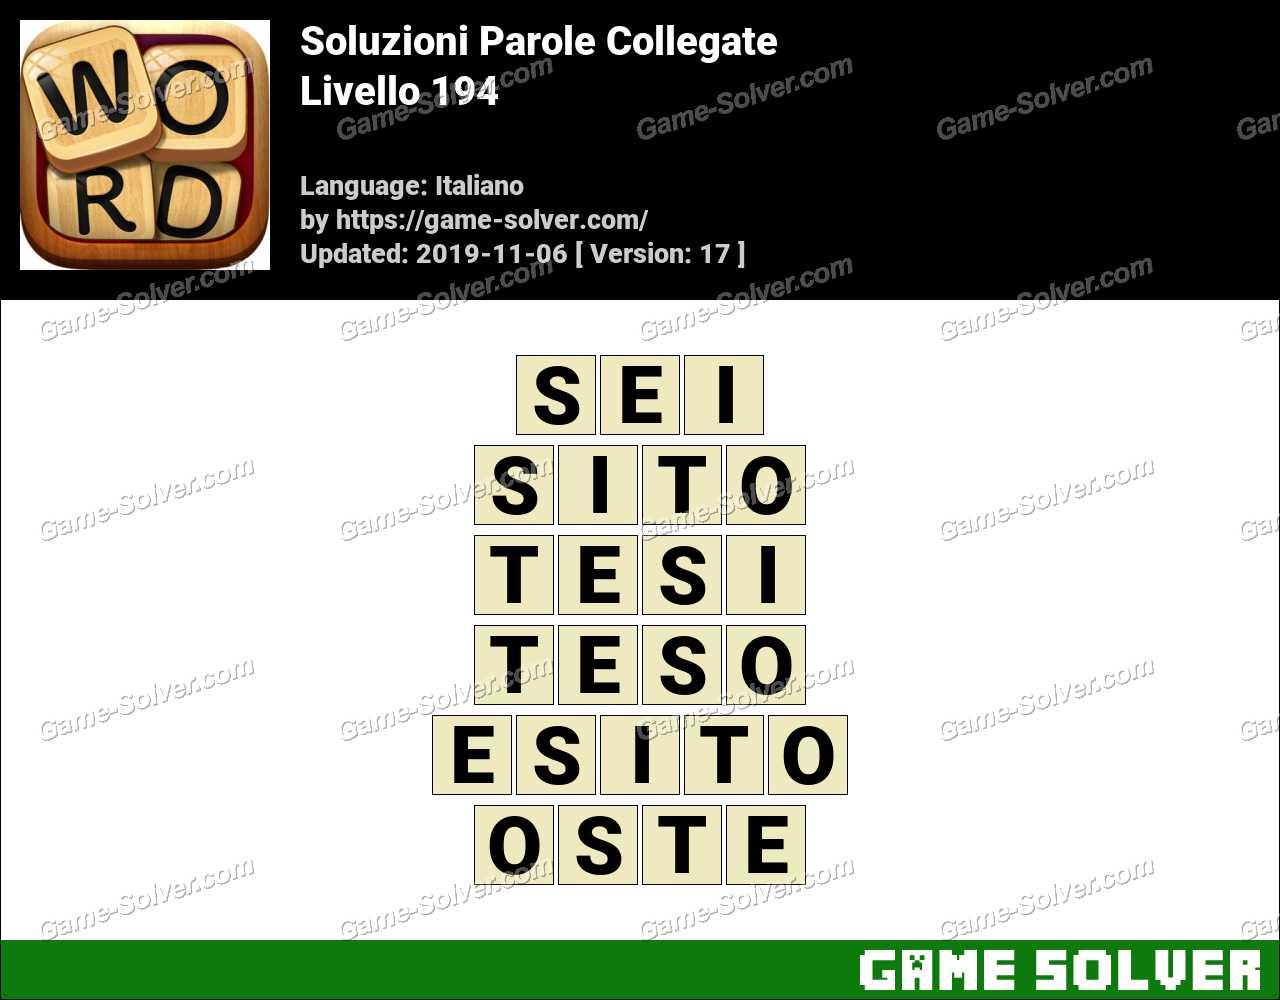 Soluzioni Parole Collegate Livello 194